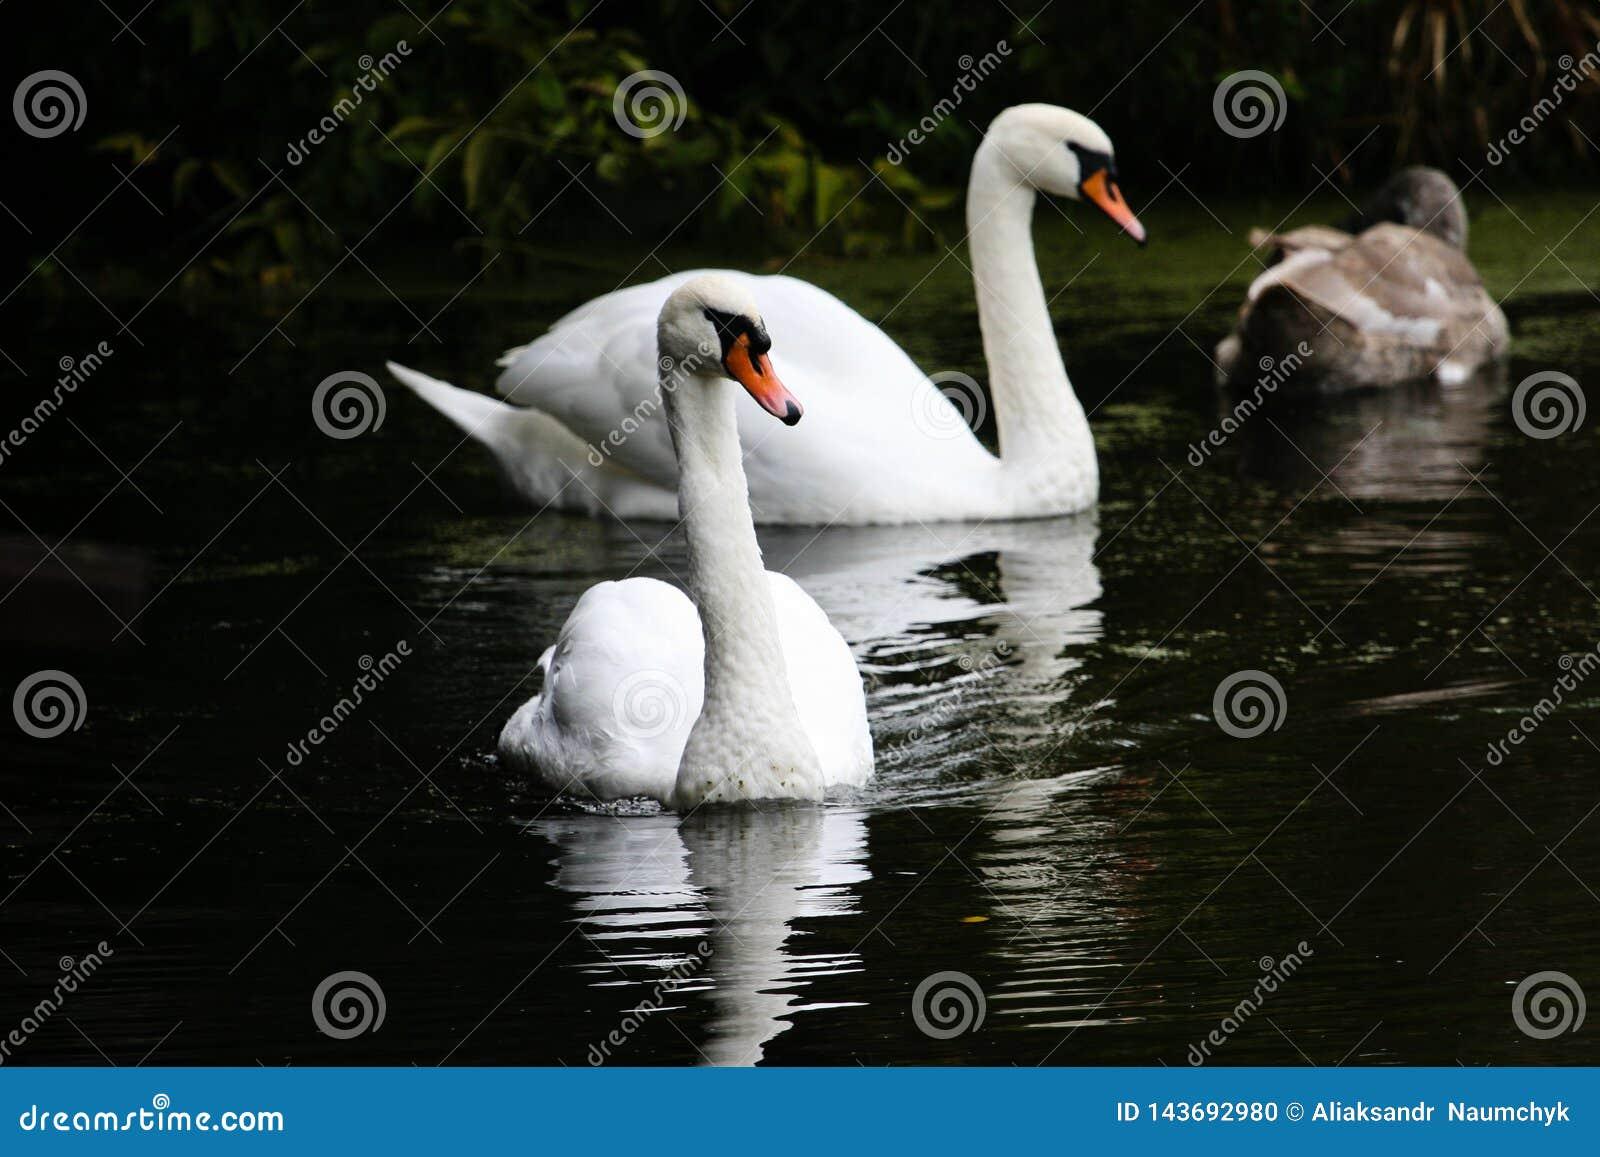 Les beaux cygnes nagent le long de la rivière